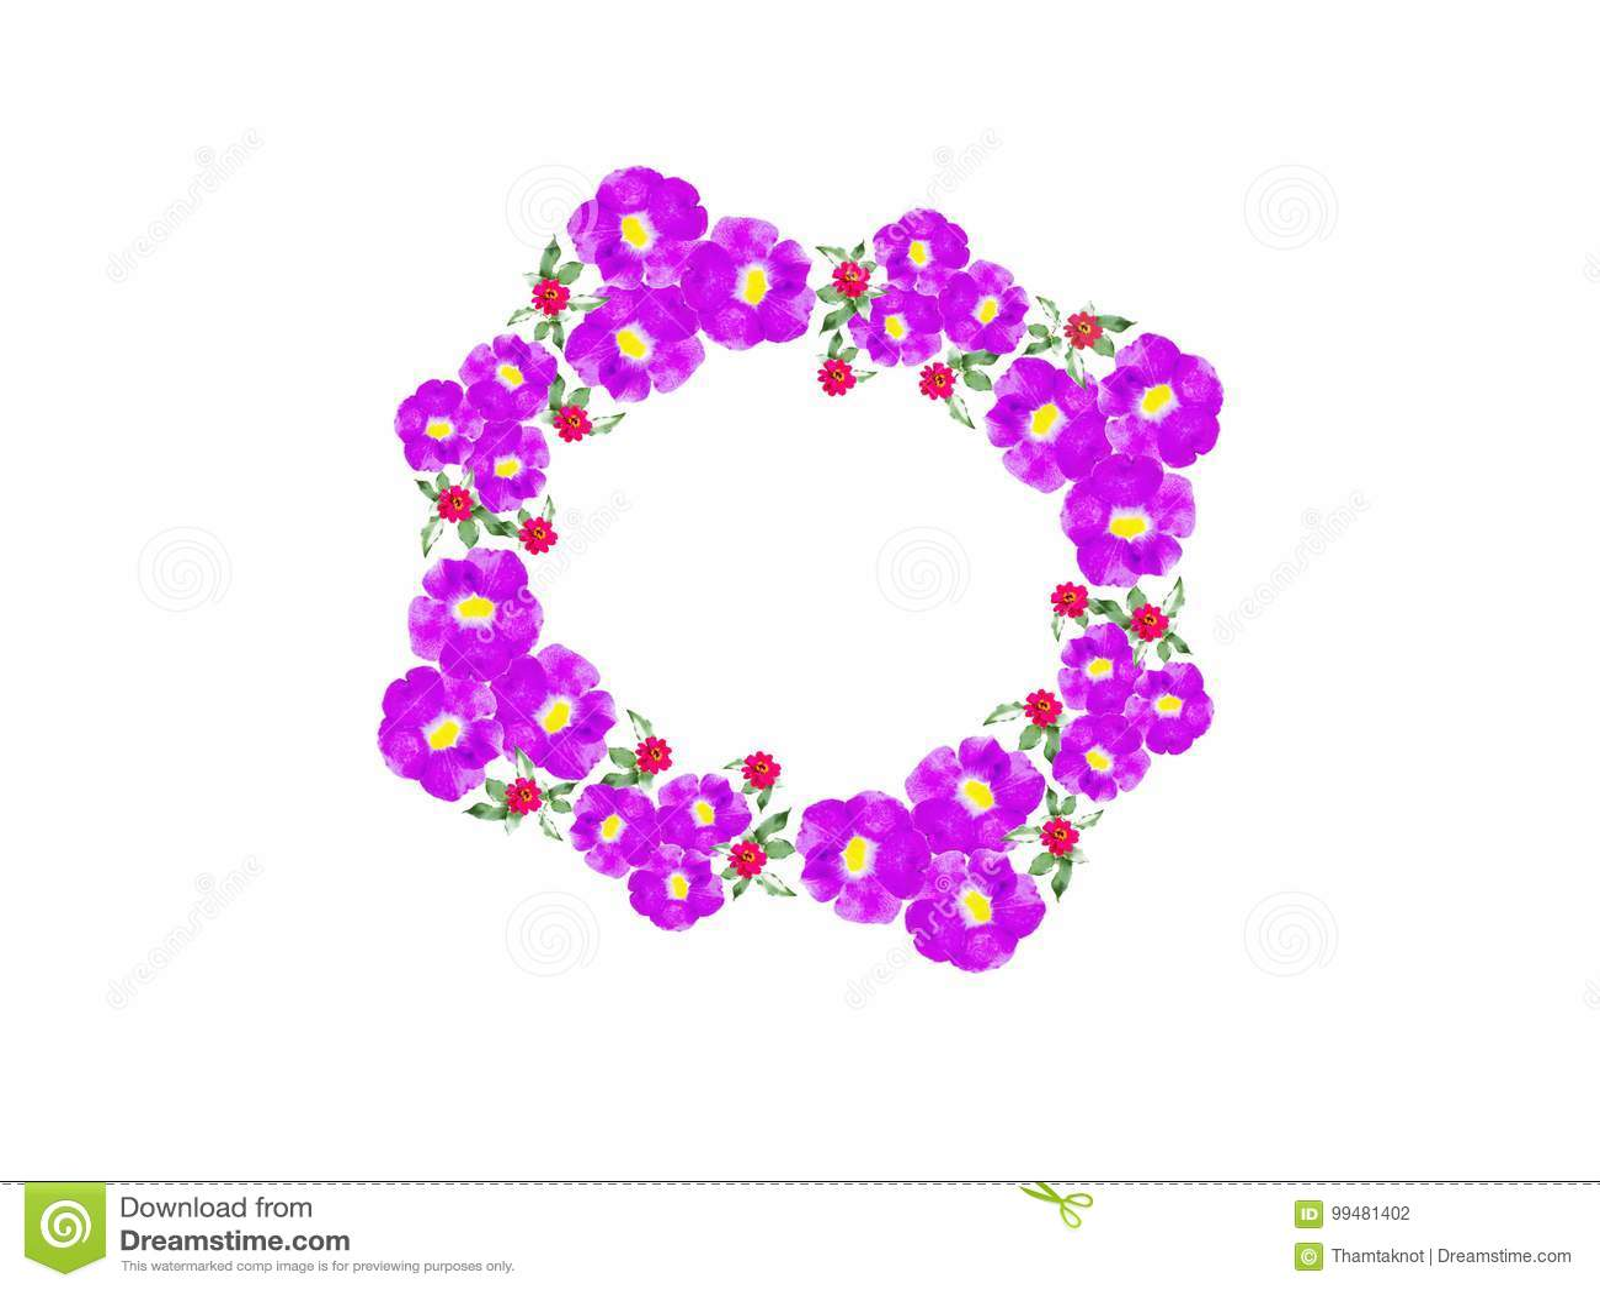 Ένα στεφάνι των πορφυρών λουλουδιών σε ειδικές περιπτώσεις ή μια ειδική ημέρα με ένα άσπρο υπόβαθρο